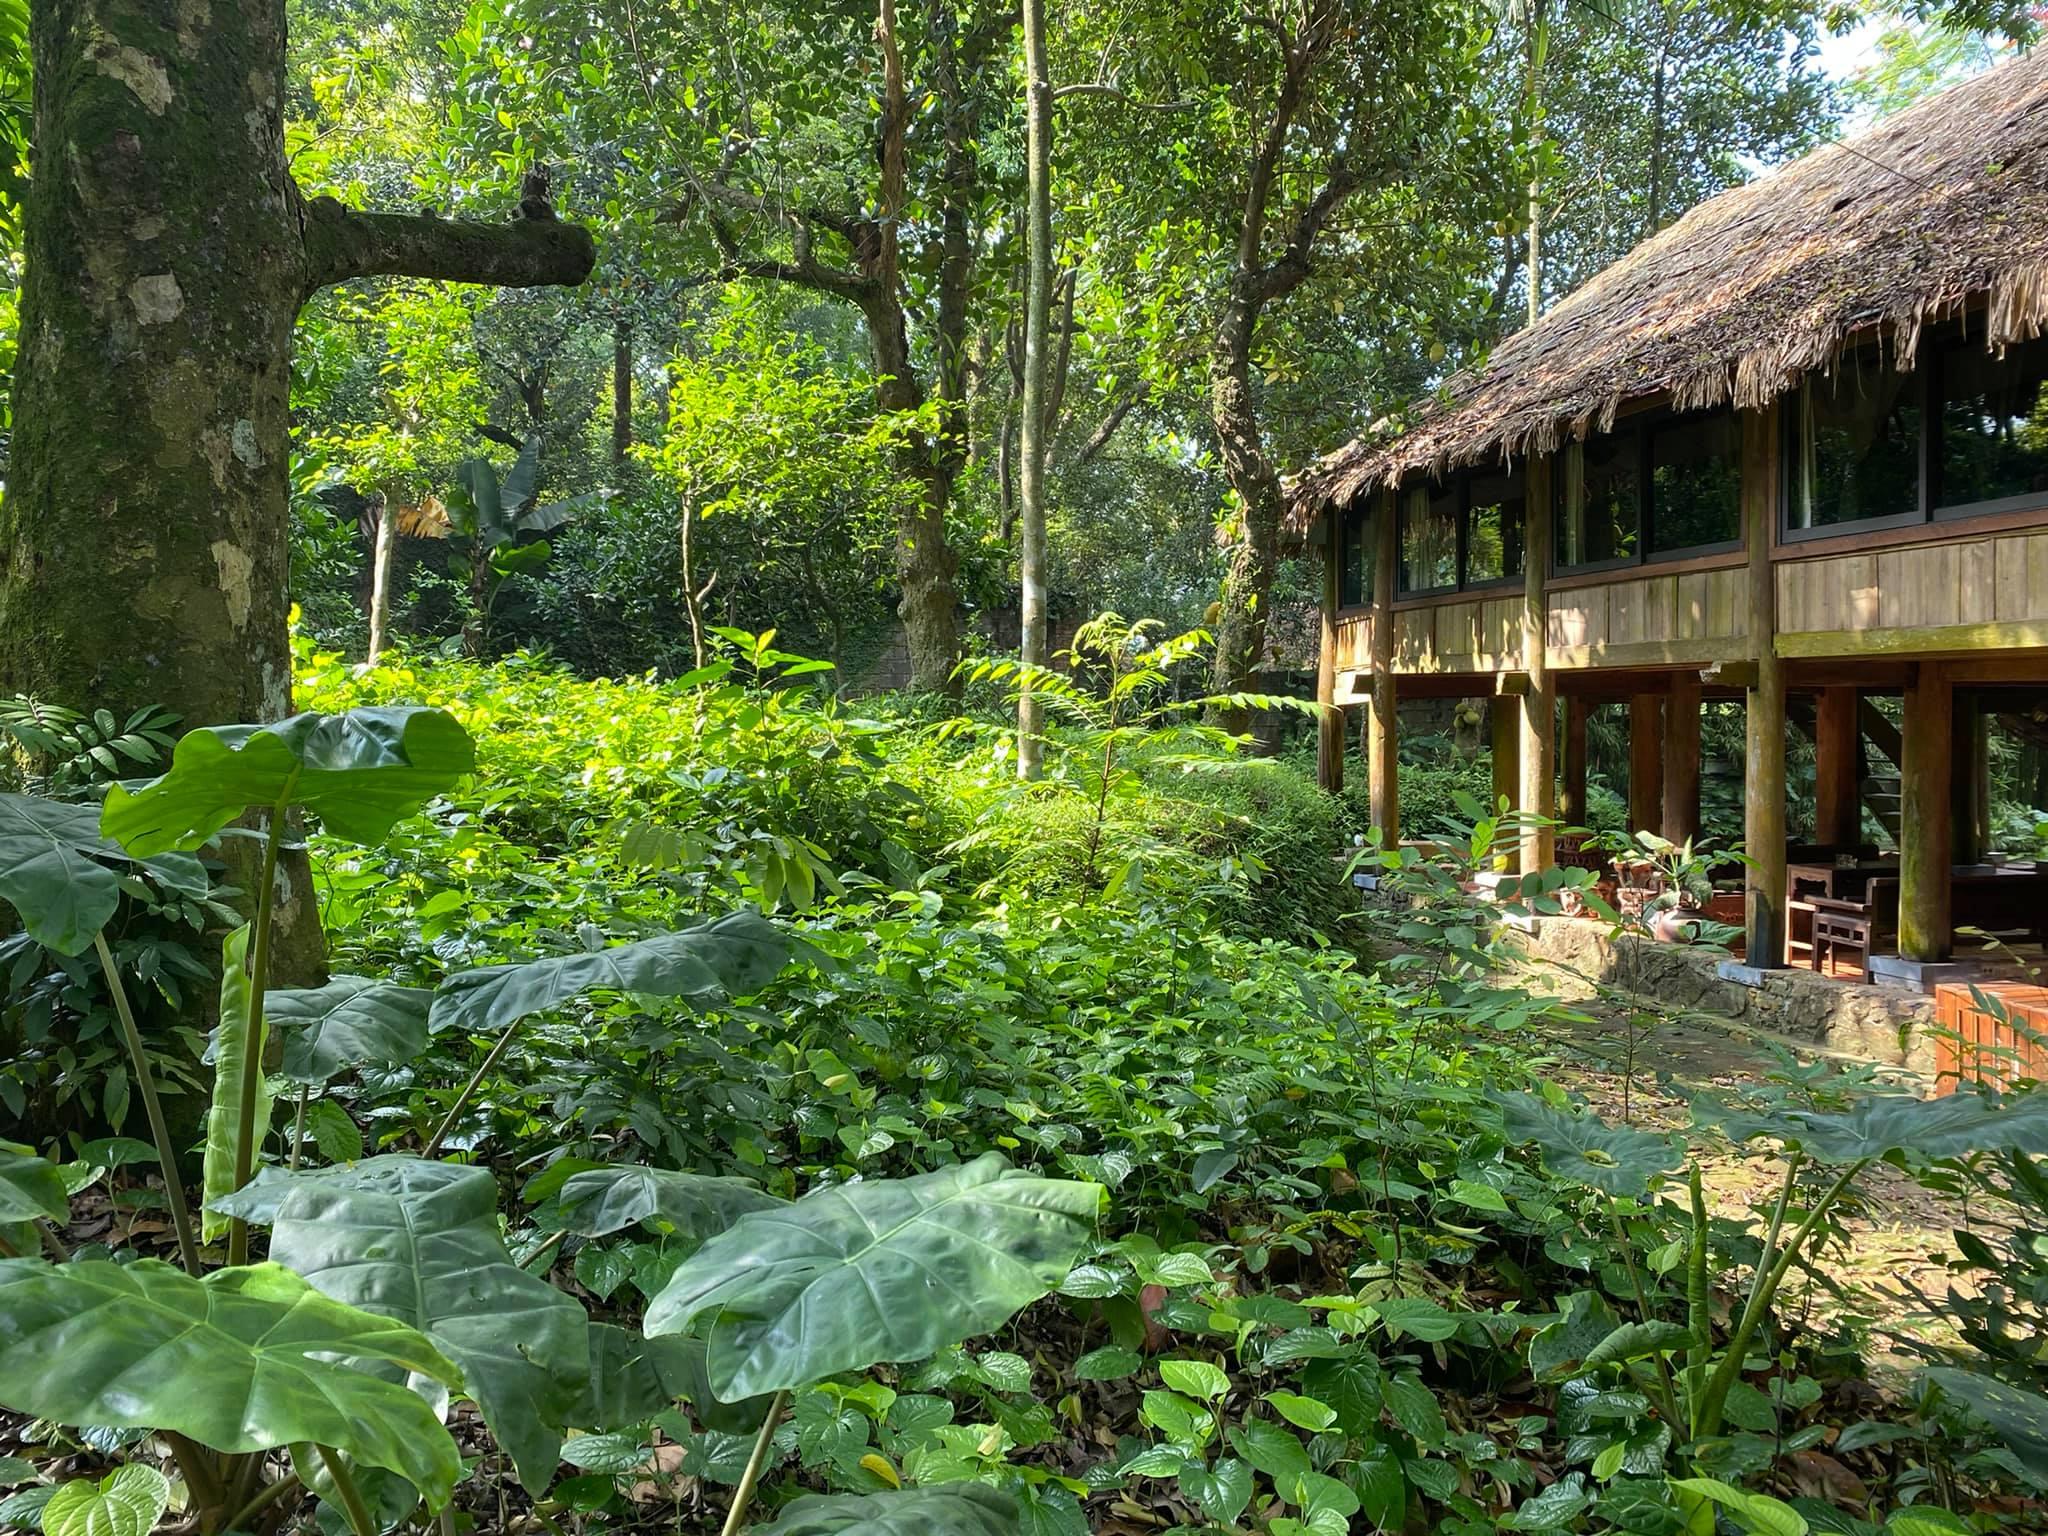 Mê mẩn với căn nhà second-home đẹp đến phát thèm tại ngoại ô Hà Nội, lộ bí quyết nhà đẹp quanh năm chỉ với 0 đồng của bà chủ nhà - Ảnh 22.